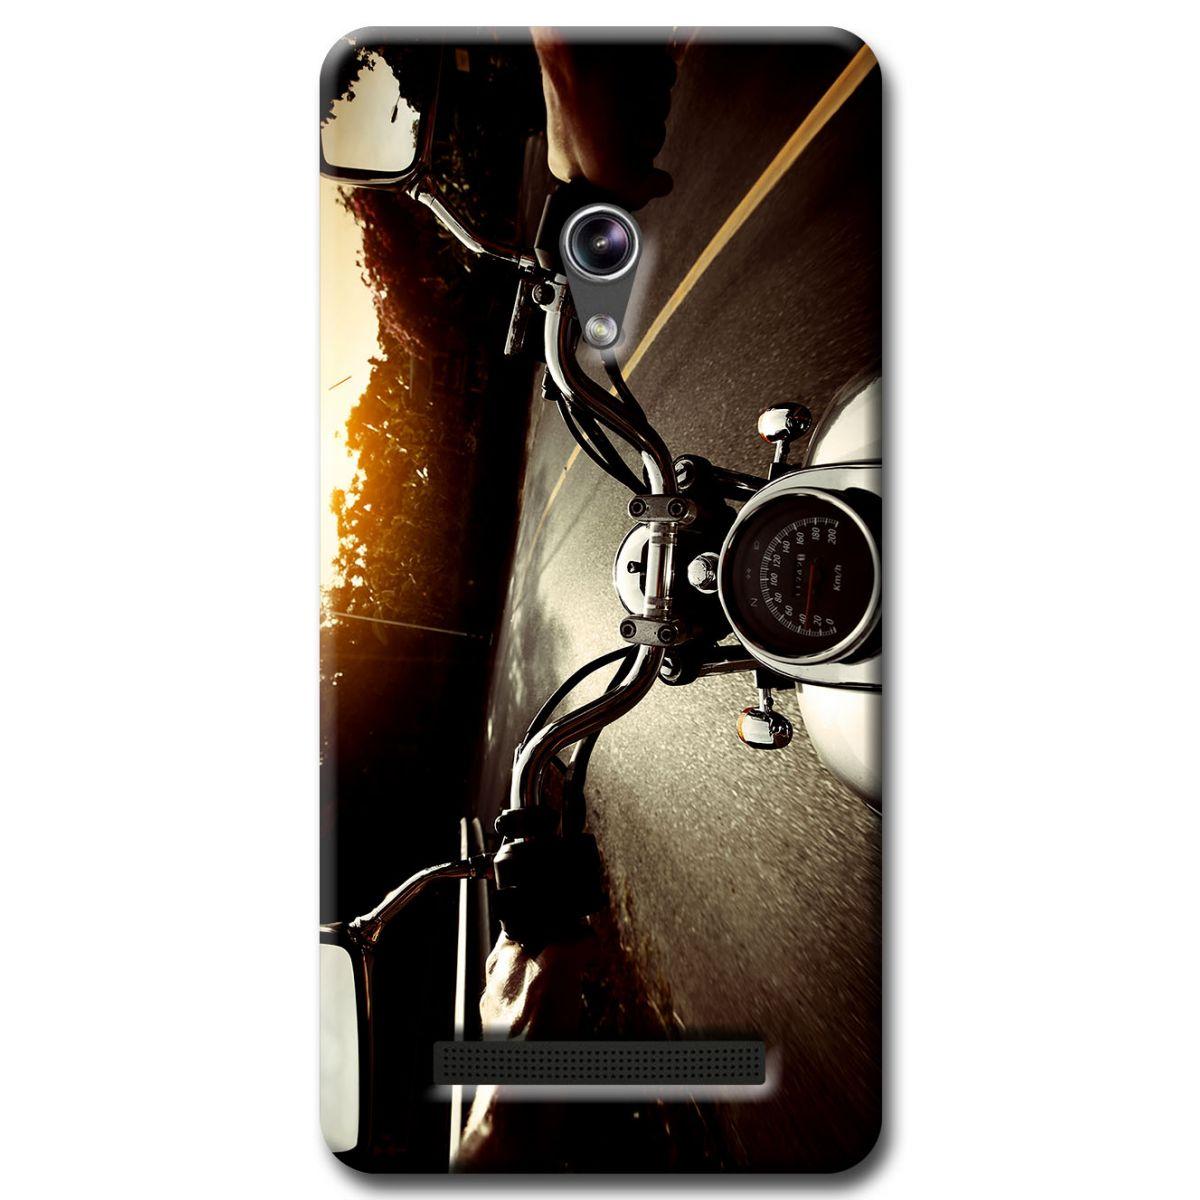 Capa Personalizada para Asus Zenfone 6 A600CG A601 - CR11